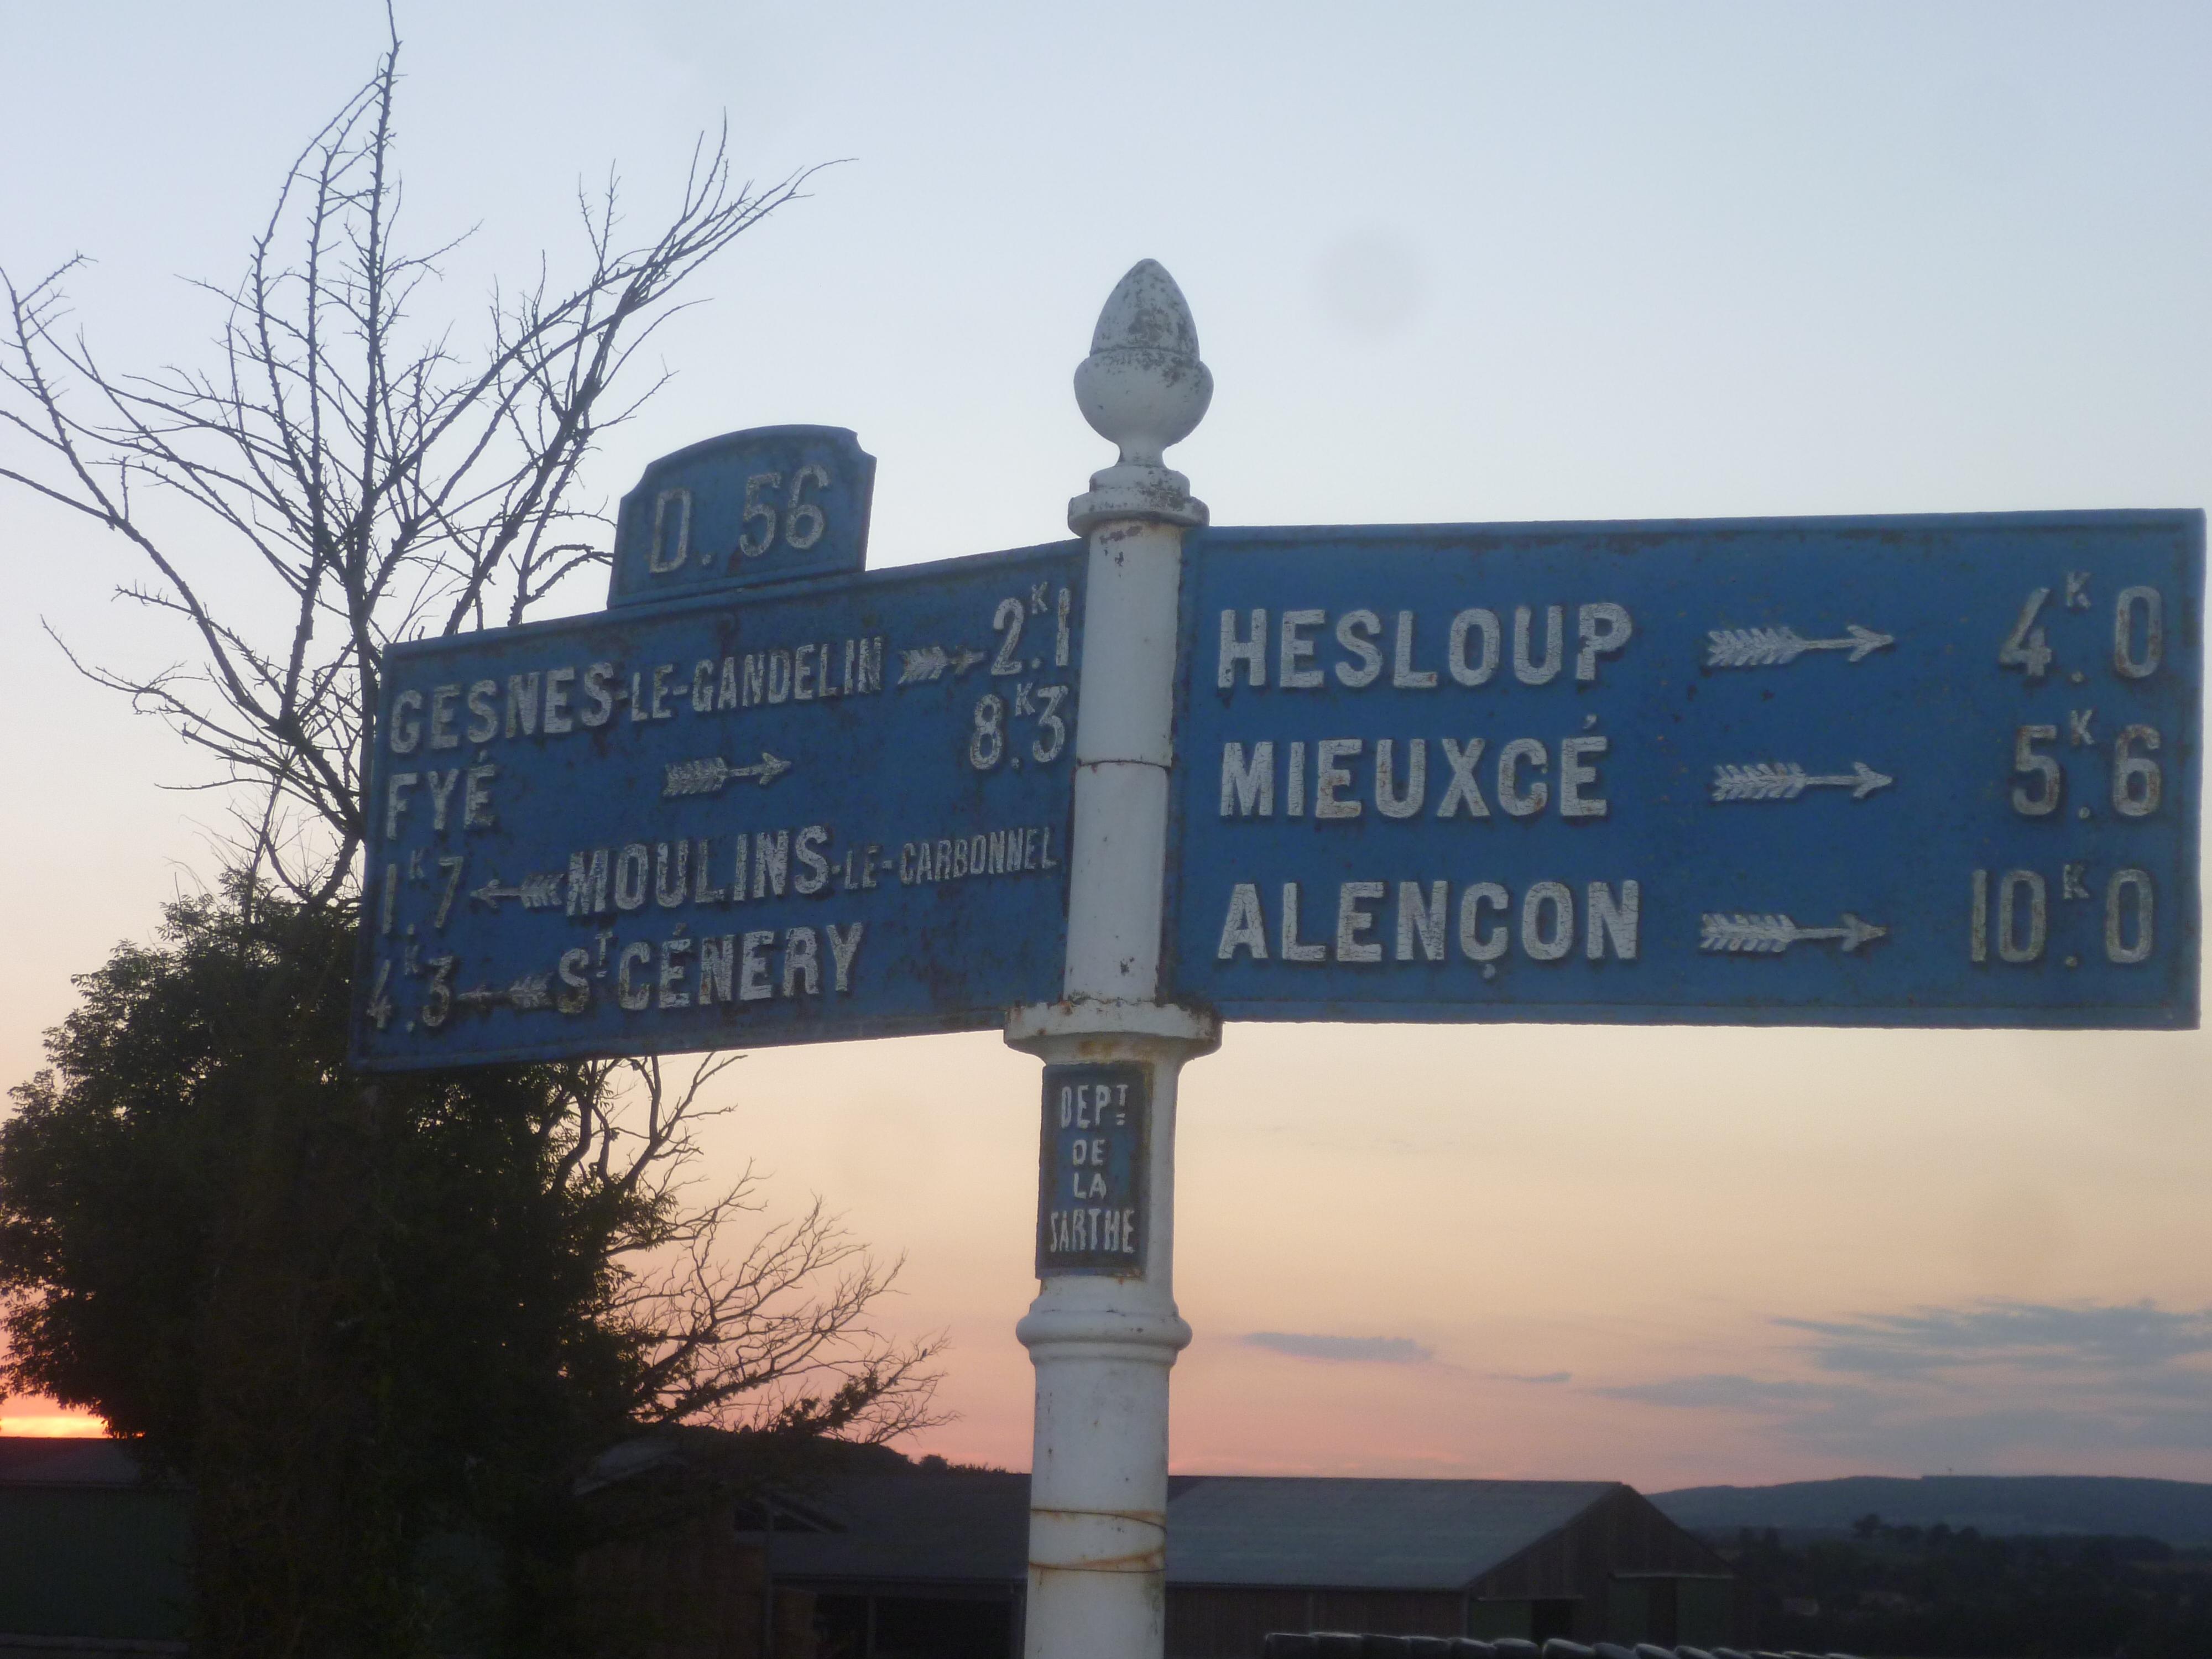 Moulins le Carbonnel, au croisement entre La Tonnelière et La Bigre - Plaque de cocher - Gesnes le Gandelin - Fyé - Moulins le Carbonnet - Saint Cénery - Hesloup - Mieuxcé - Alençon (Gwéna Tireau)